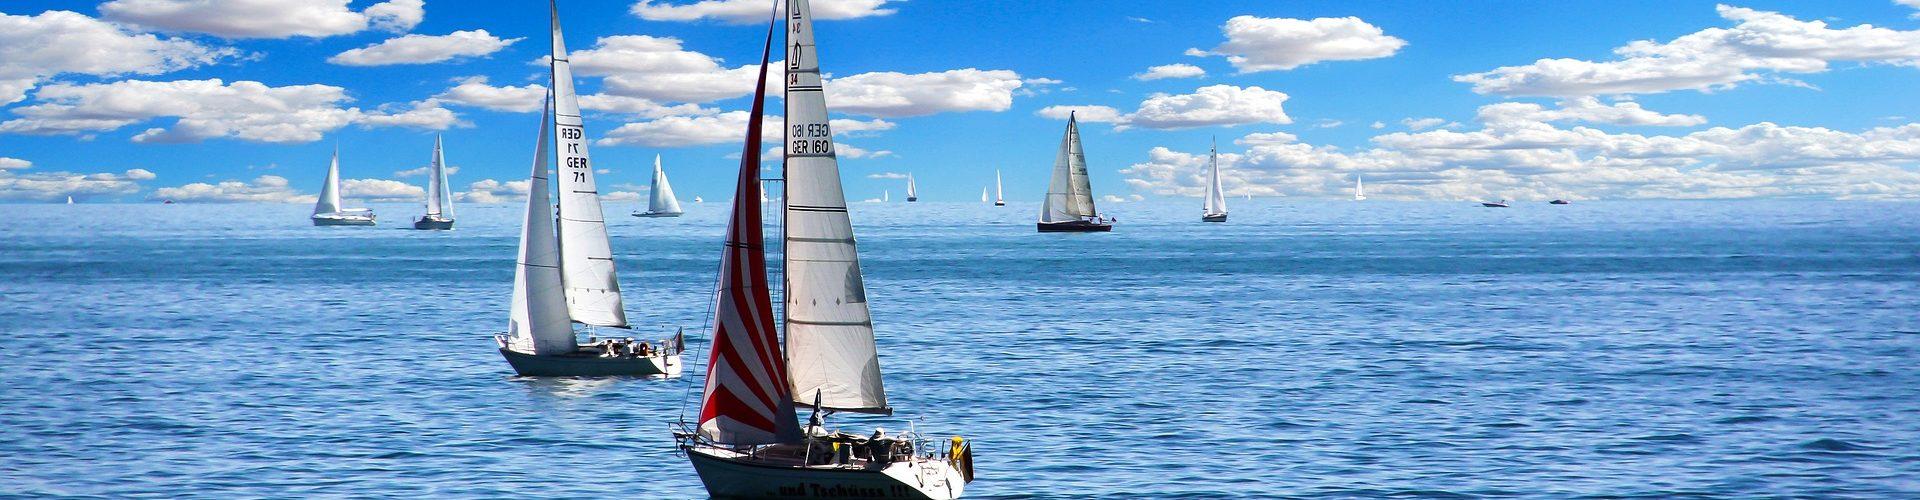 segeln lernen in Vogelsberg segelschein machen in Vogelsberg 1920x500 - Segeln lernen in Vogelsberg